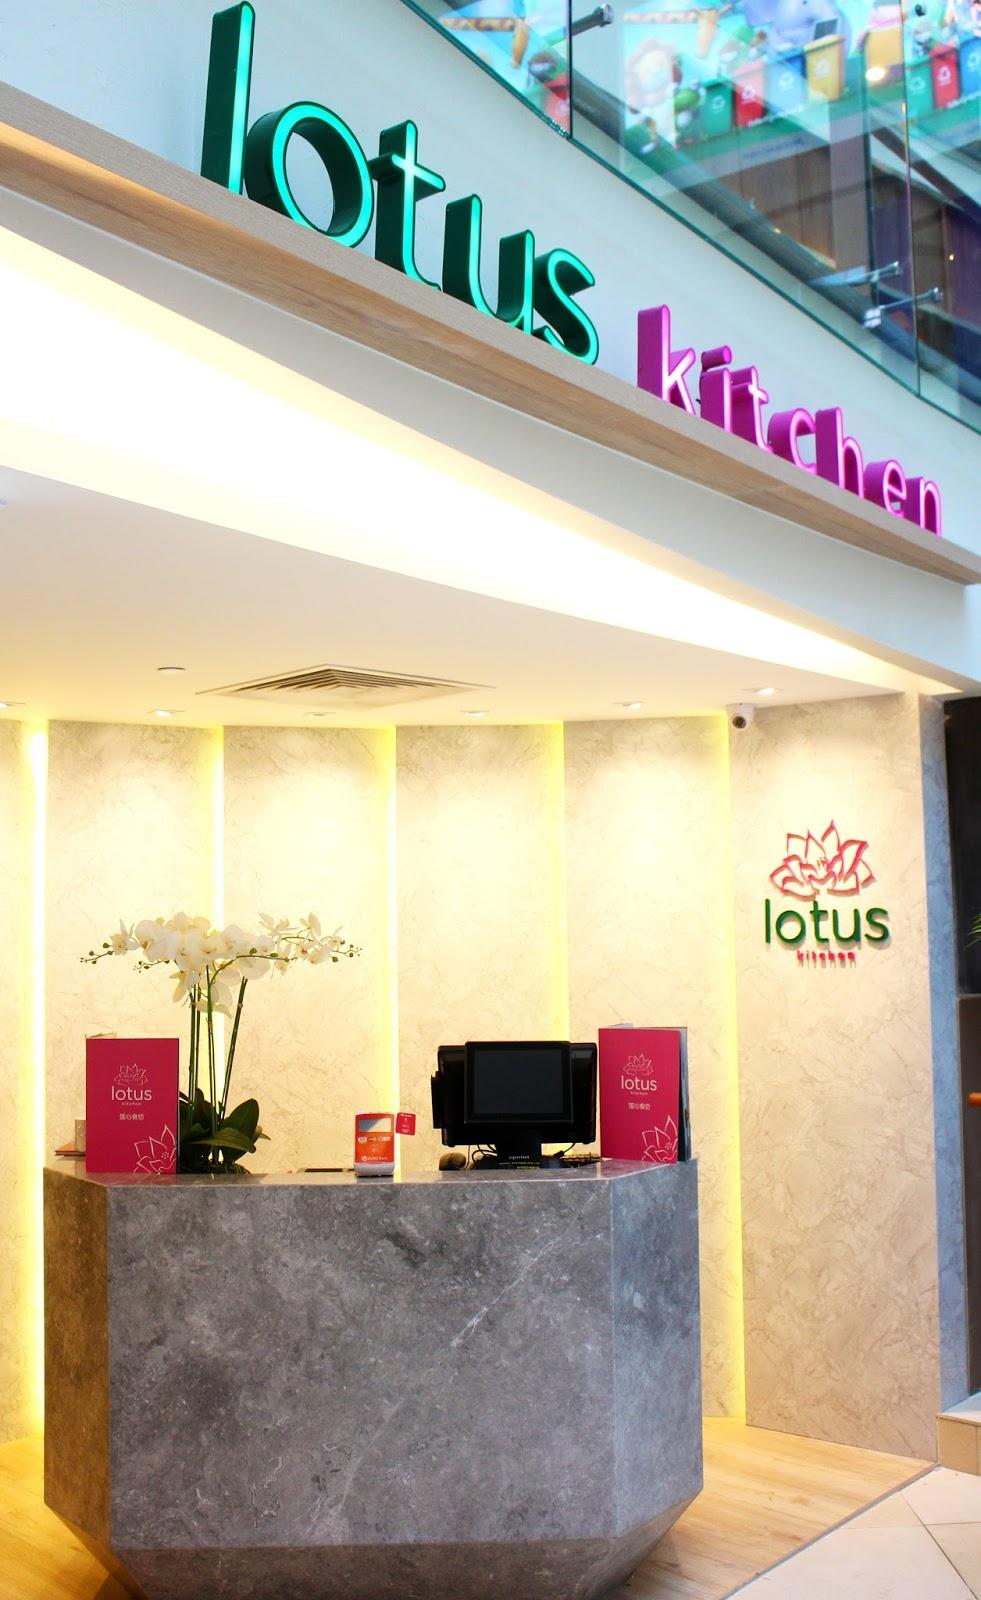 image courtesy lotus kitchen - Lotus Kitchen